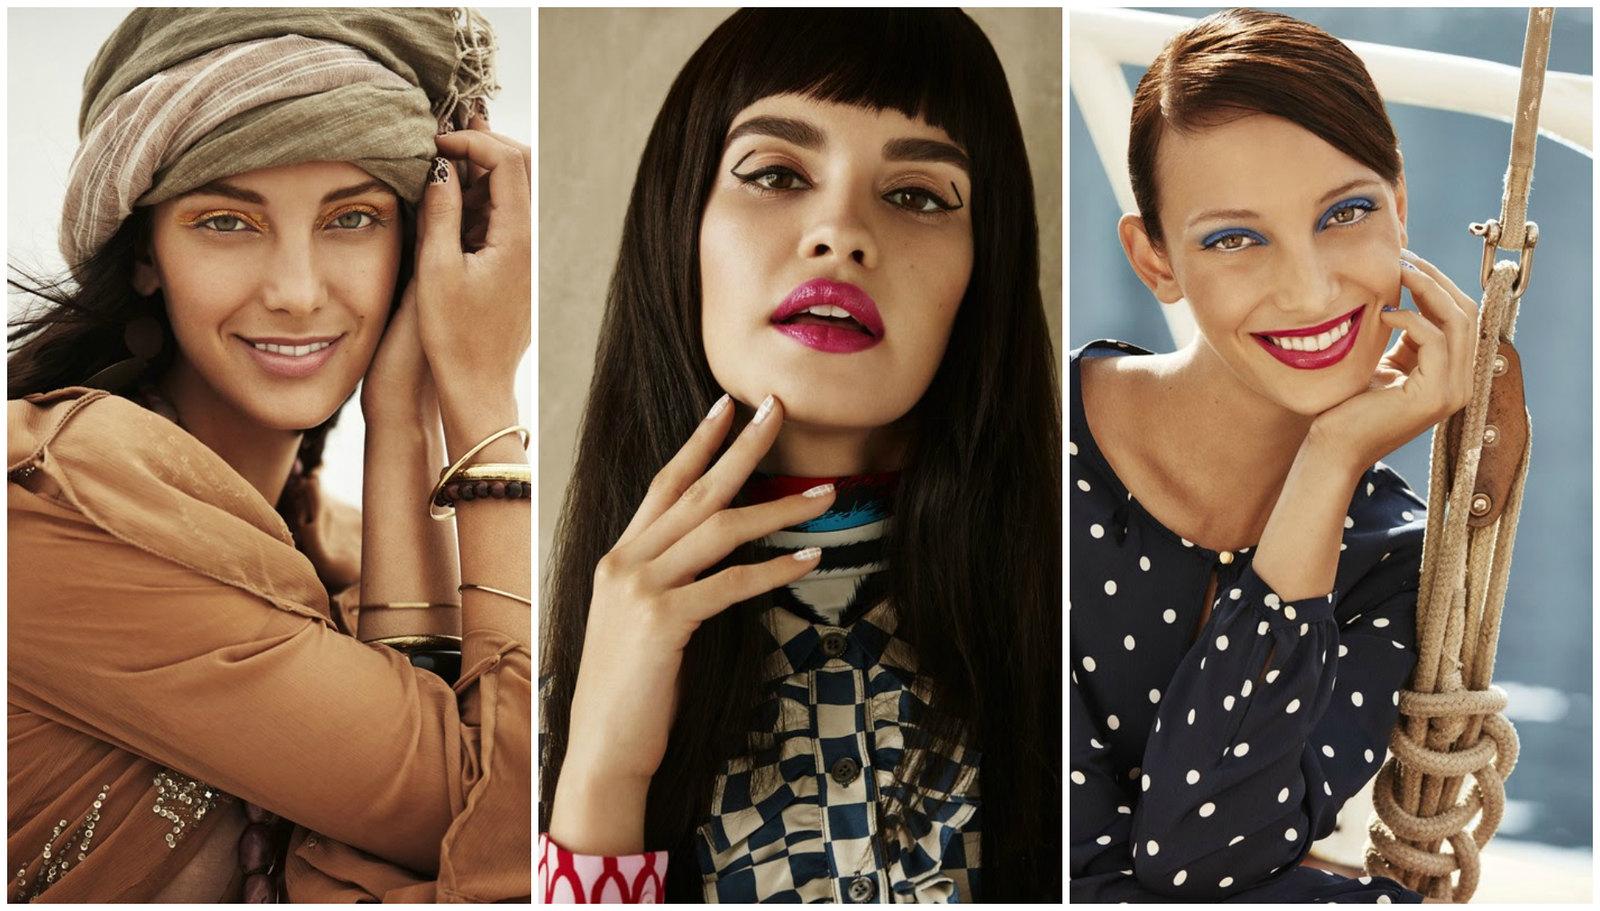 Oriflame makeup trends